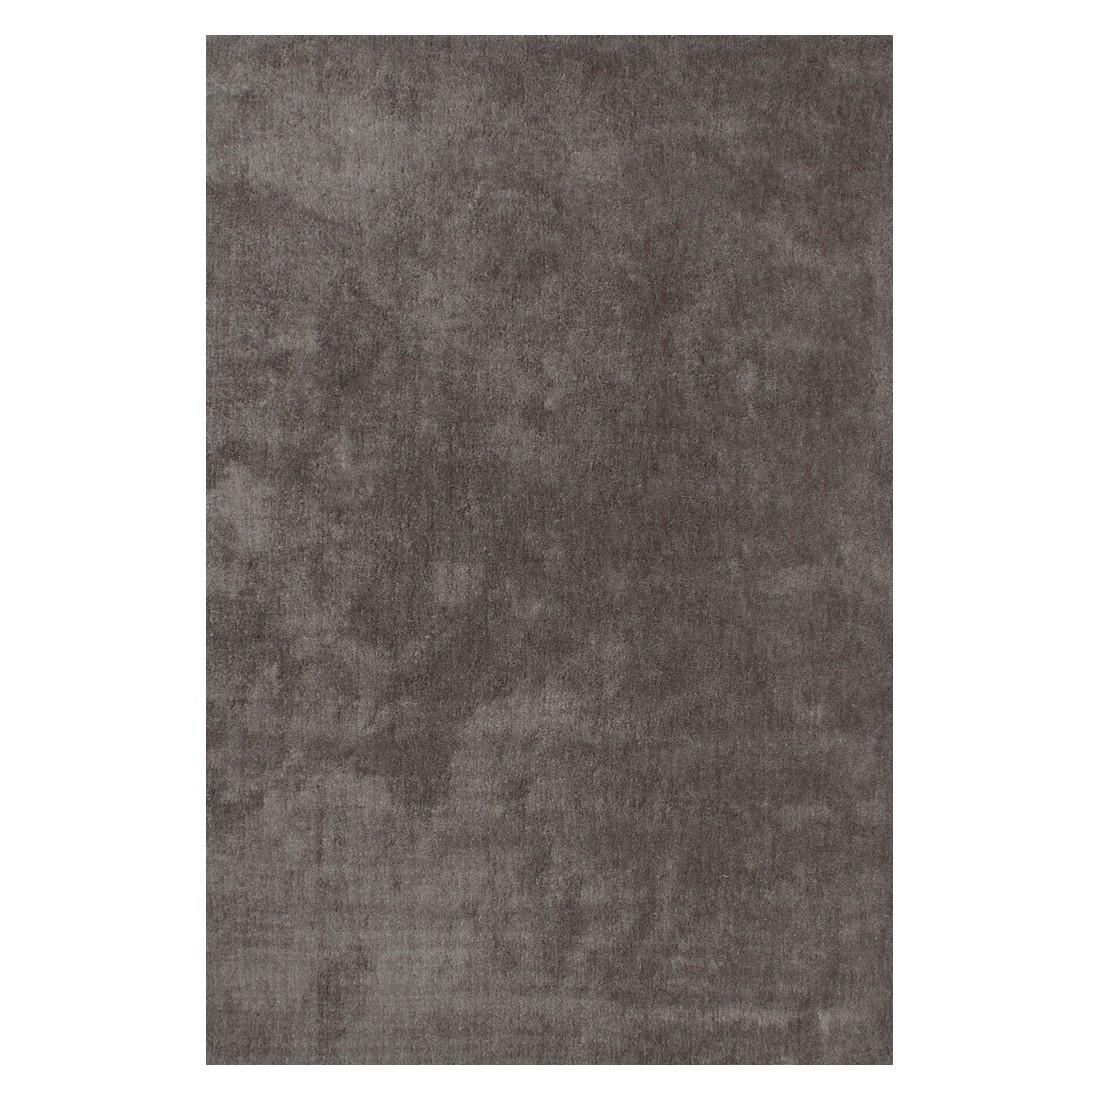 Teppich Velvet – Braun – 160 x 230 cm, Kayoom jetzt bestellen